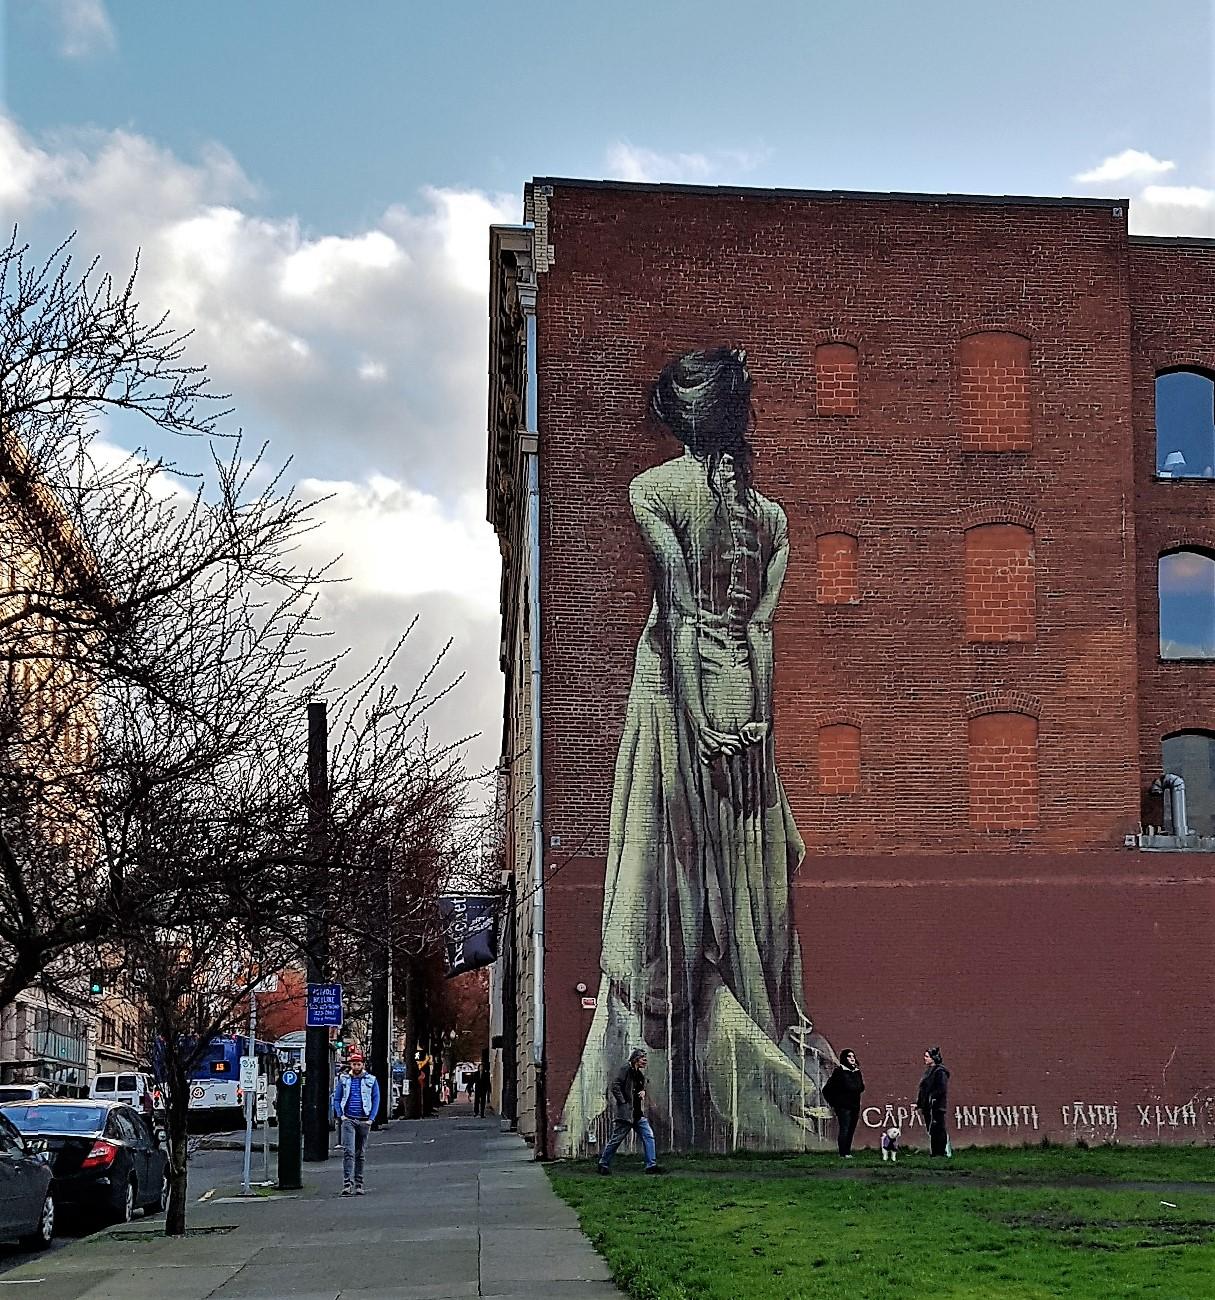 graffiti downton portland